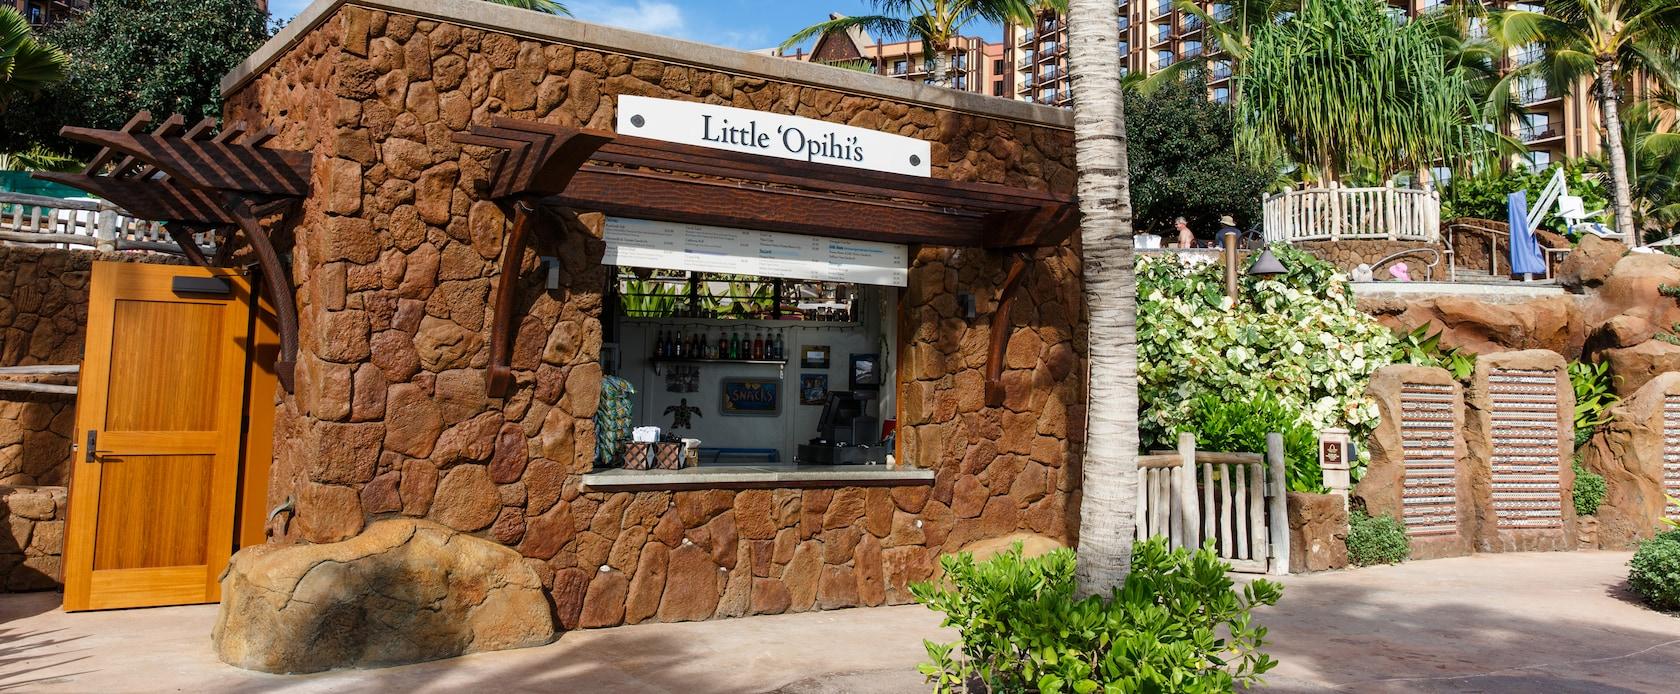 リトル・オピヒーズの外観、カウンターサービス窓口が付いた長方形の石壁の小屋